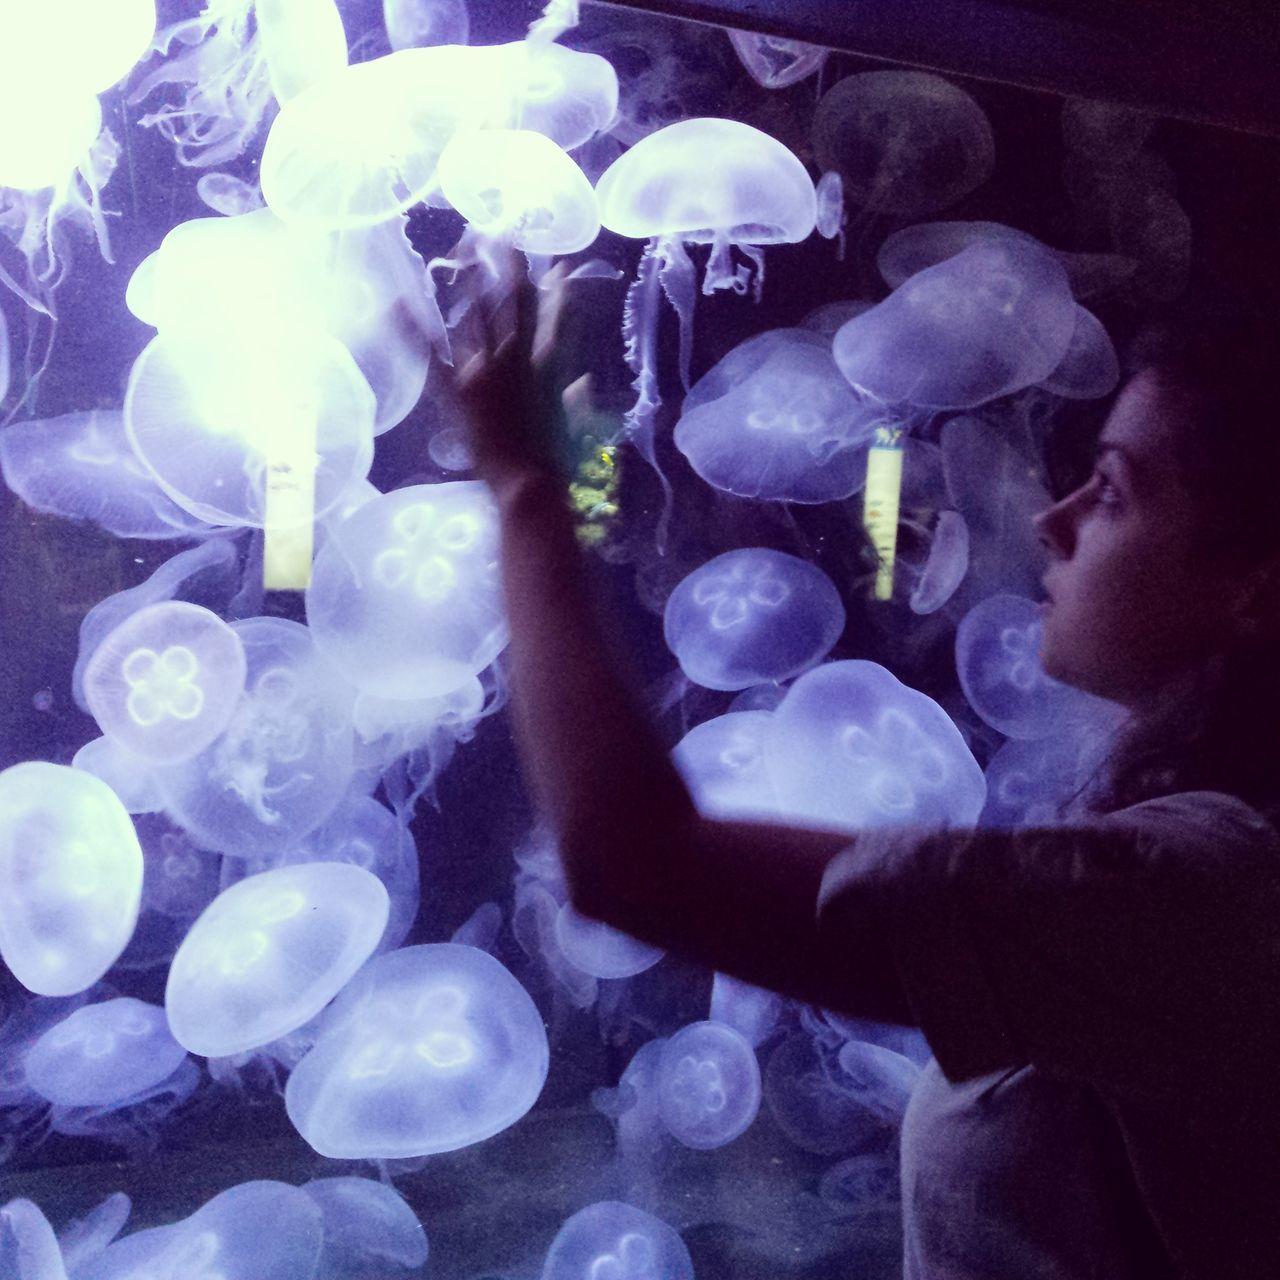 Girl From Another Planet Girl From The Future Future Cosmic Cosmic Life Jellyfish Aquarium Aquarium Life Sea Life Girl Futuristic Fantasy Fantastic Blue Waters Water Mädchen Aus Der Zukunft Zukunft Kosmisch Fantastisch Quallen Wasser